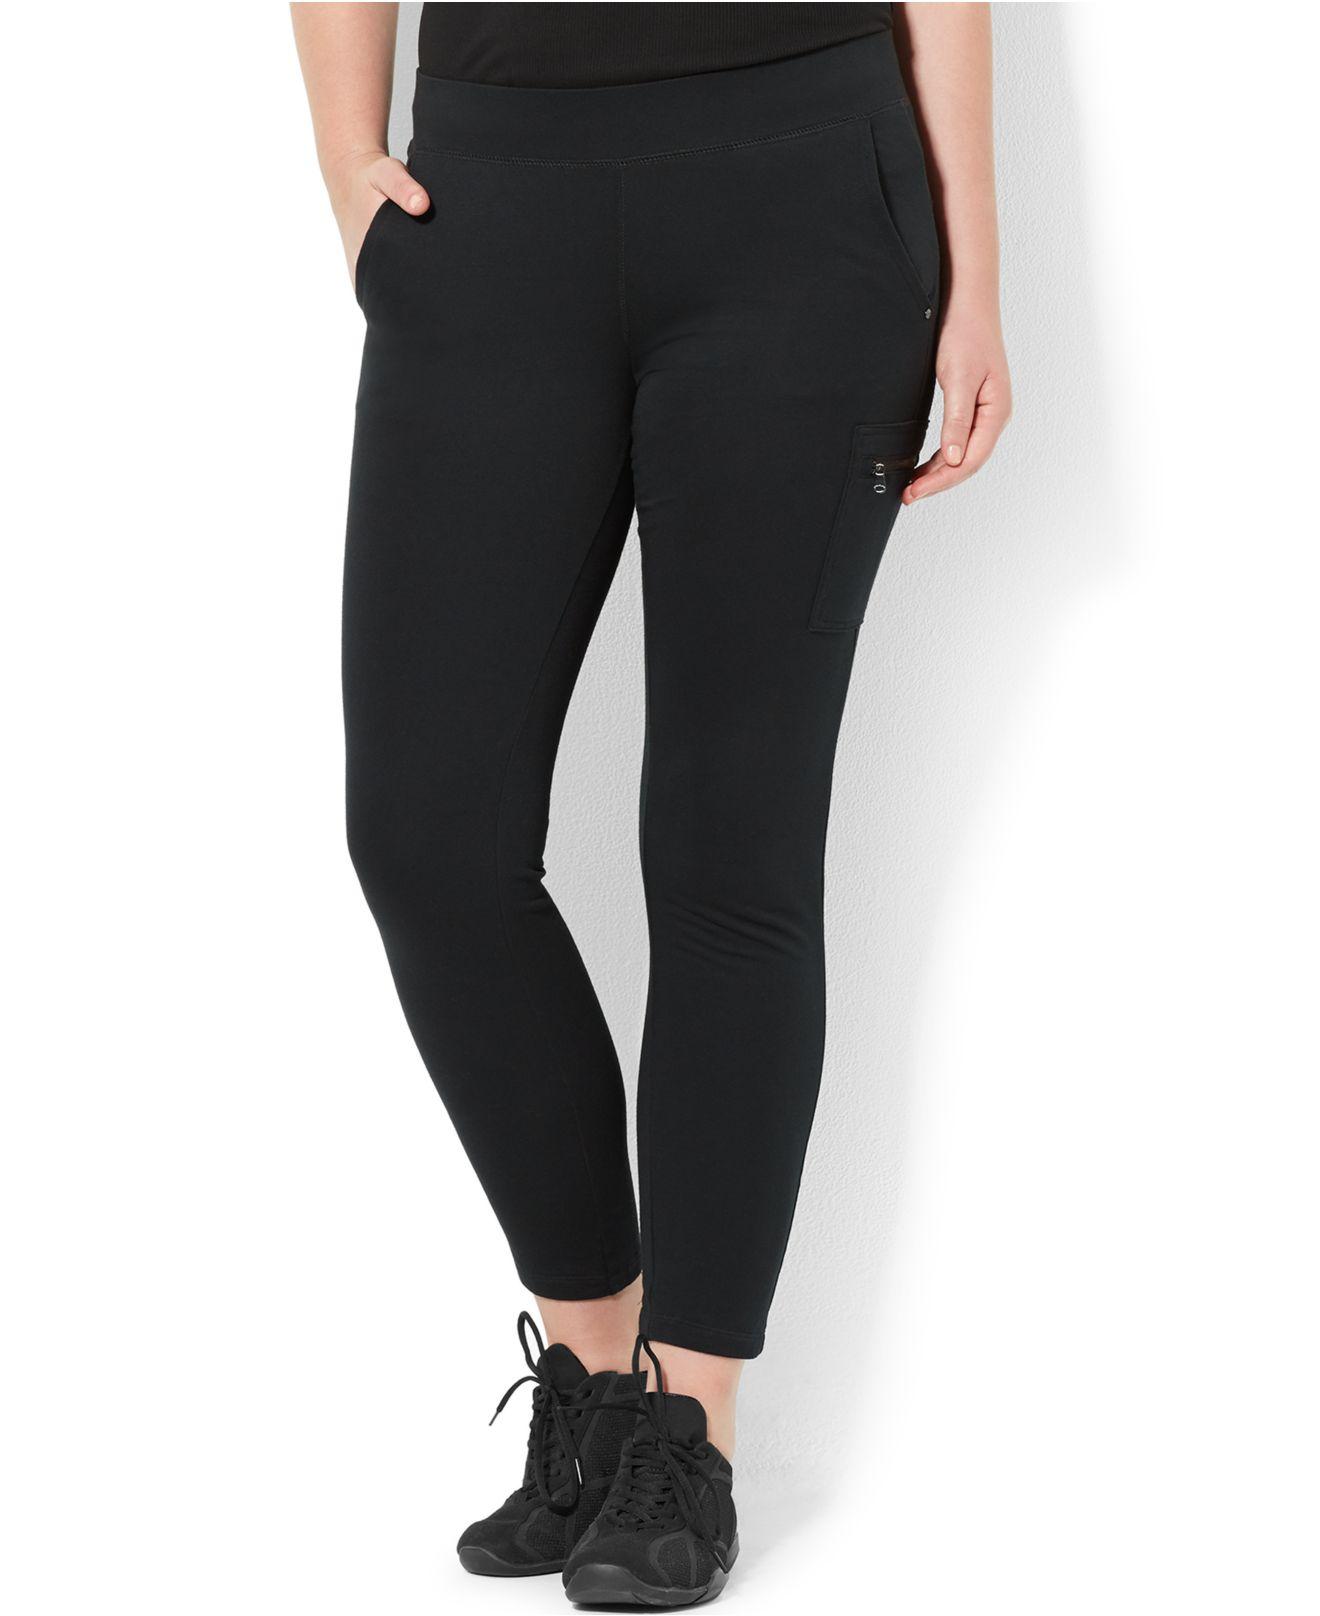 Black ankle pants plus size